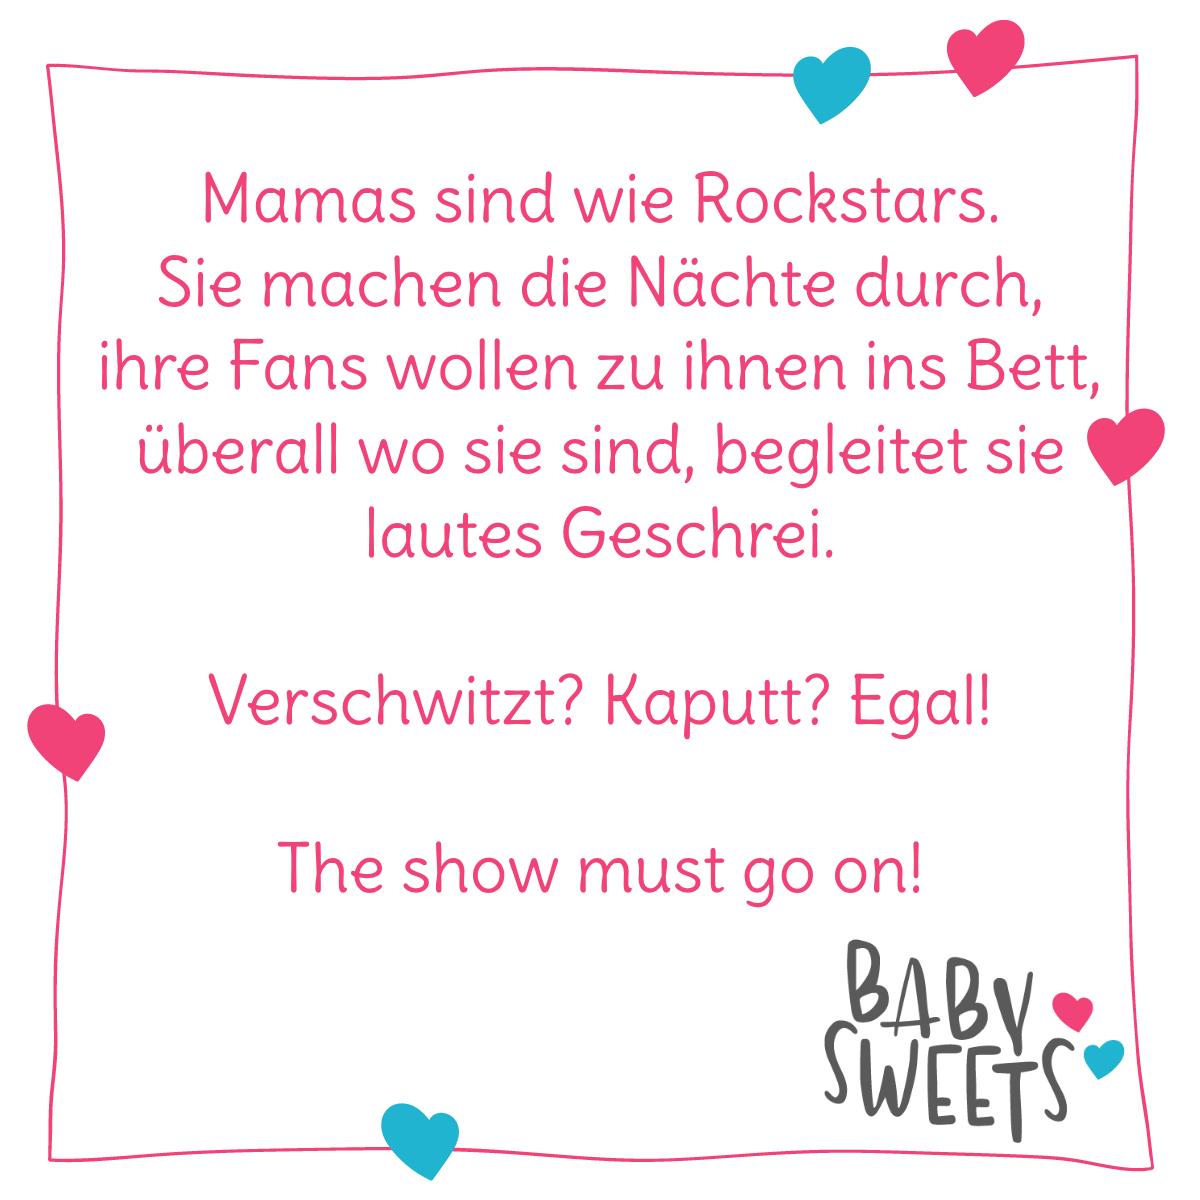 Mama Sind Wie Rockstars The Show Must Go On Lustige Spruche Und Zitate Aus Dem Ganz Normalen Mutter Familie Spruche Zitate Lustige Spruche Urkomische Zitate